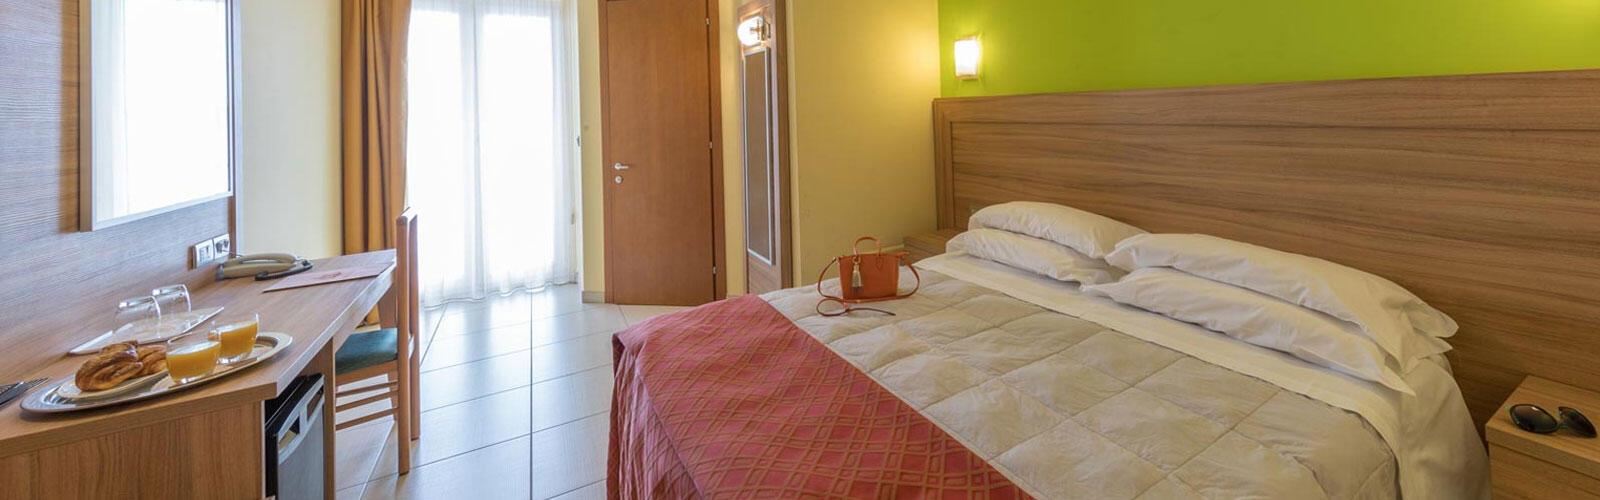 hotellaninfea it camere-ninfea 003